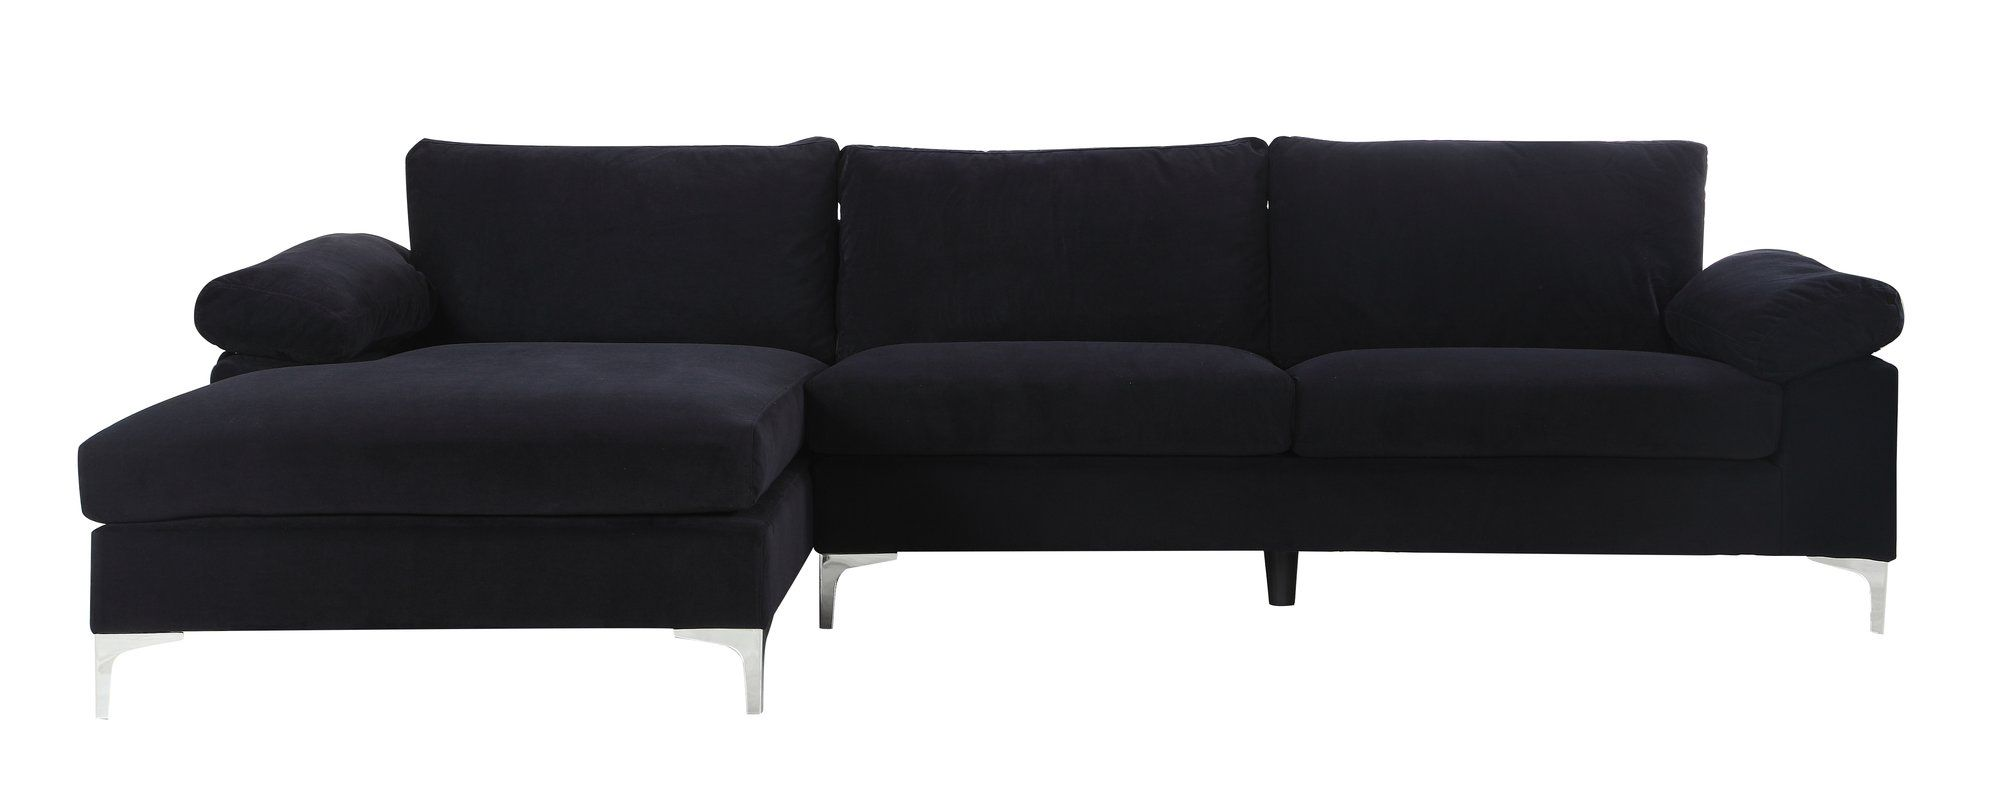 Fantastic Kailey Modern Sectional Black Velvet Yes Home Decor Uwap Interior Chair Design Uwaporg